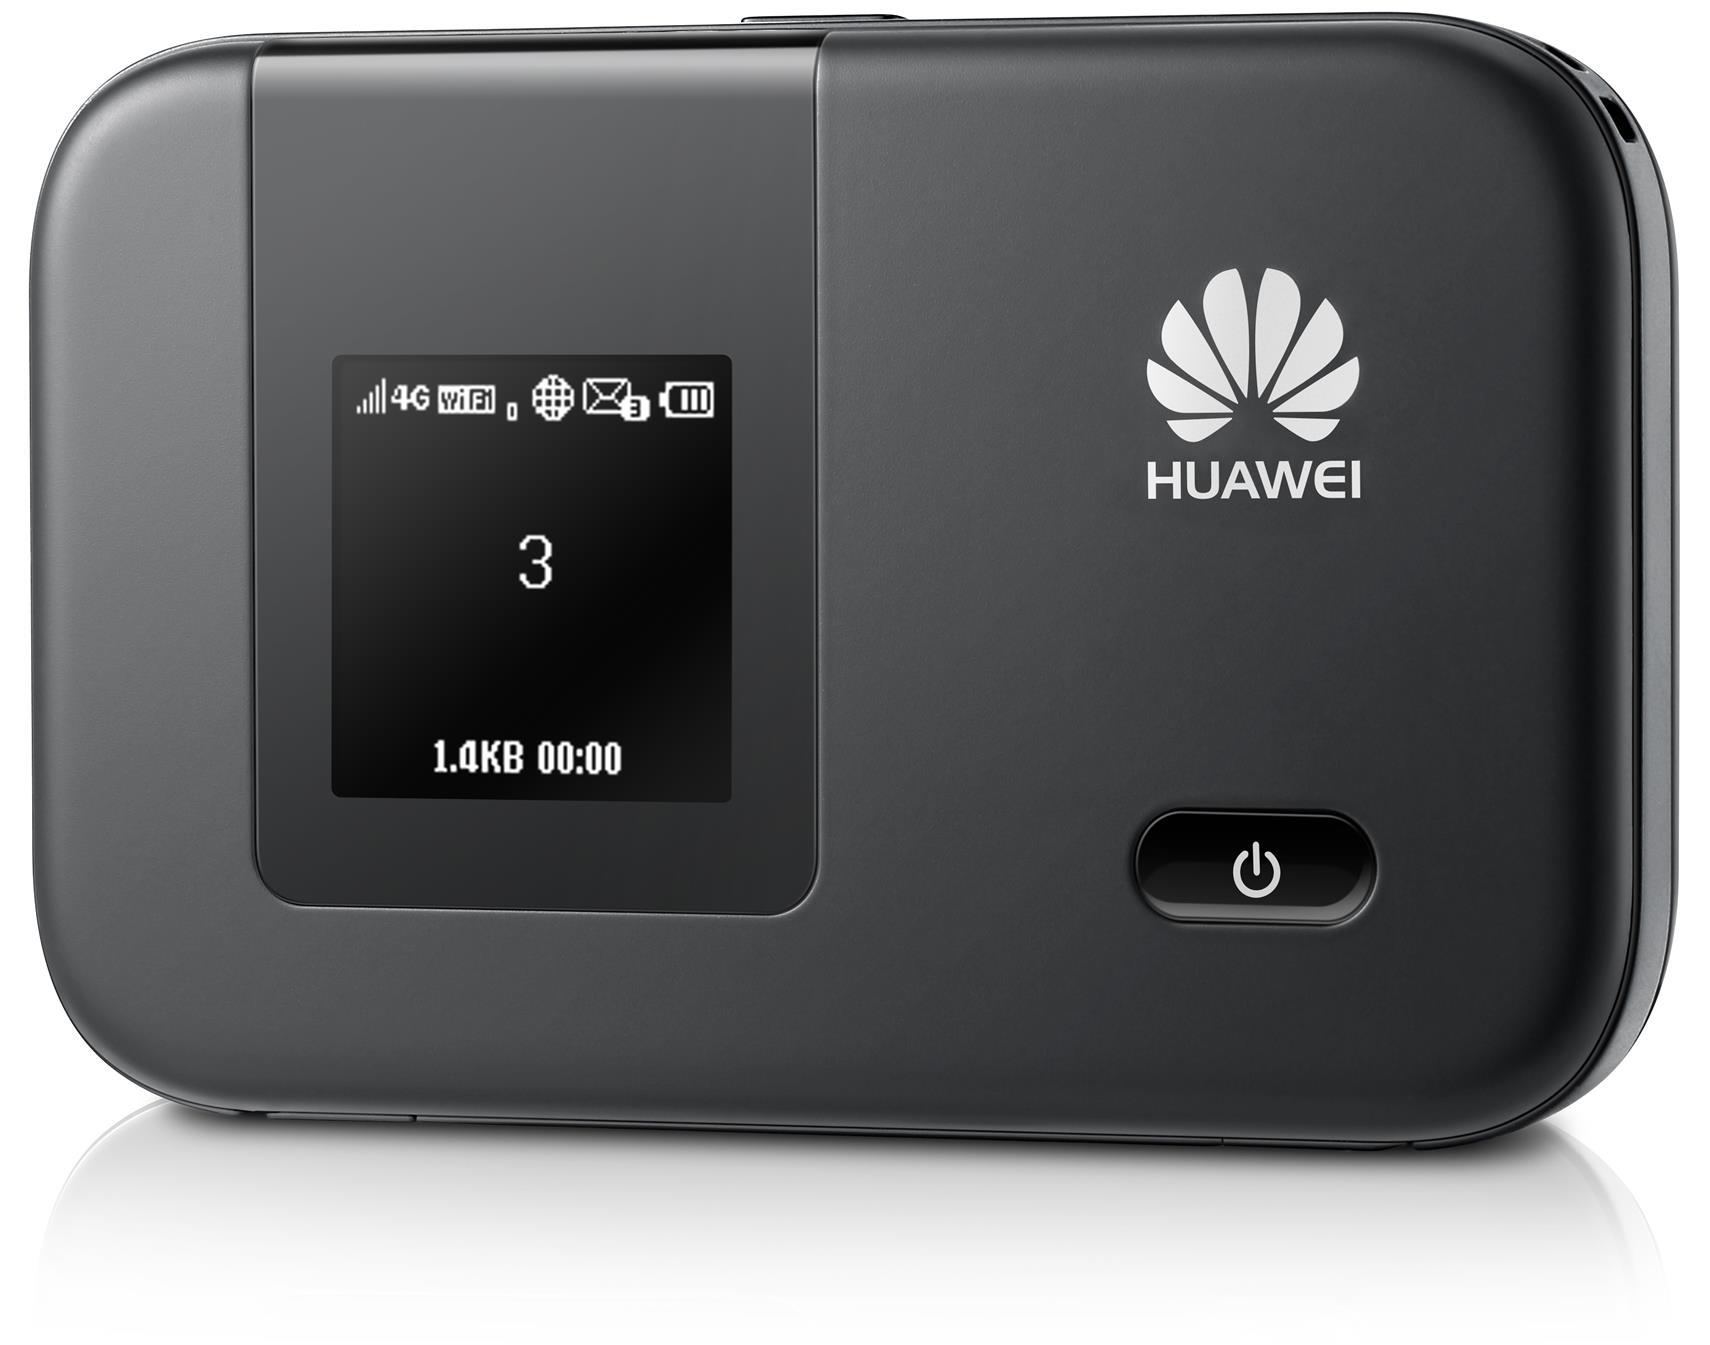 huawei-e5372-lte-4g-usb-mifi-modem-150mbps-e5776-e5786-mf90-e5573-mf93-andrew83-1704-01-anDREw83@4